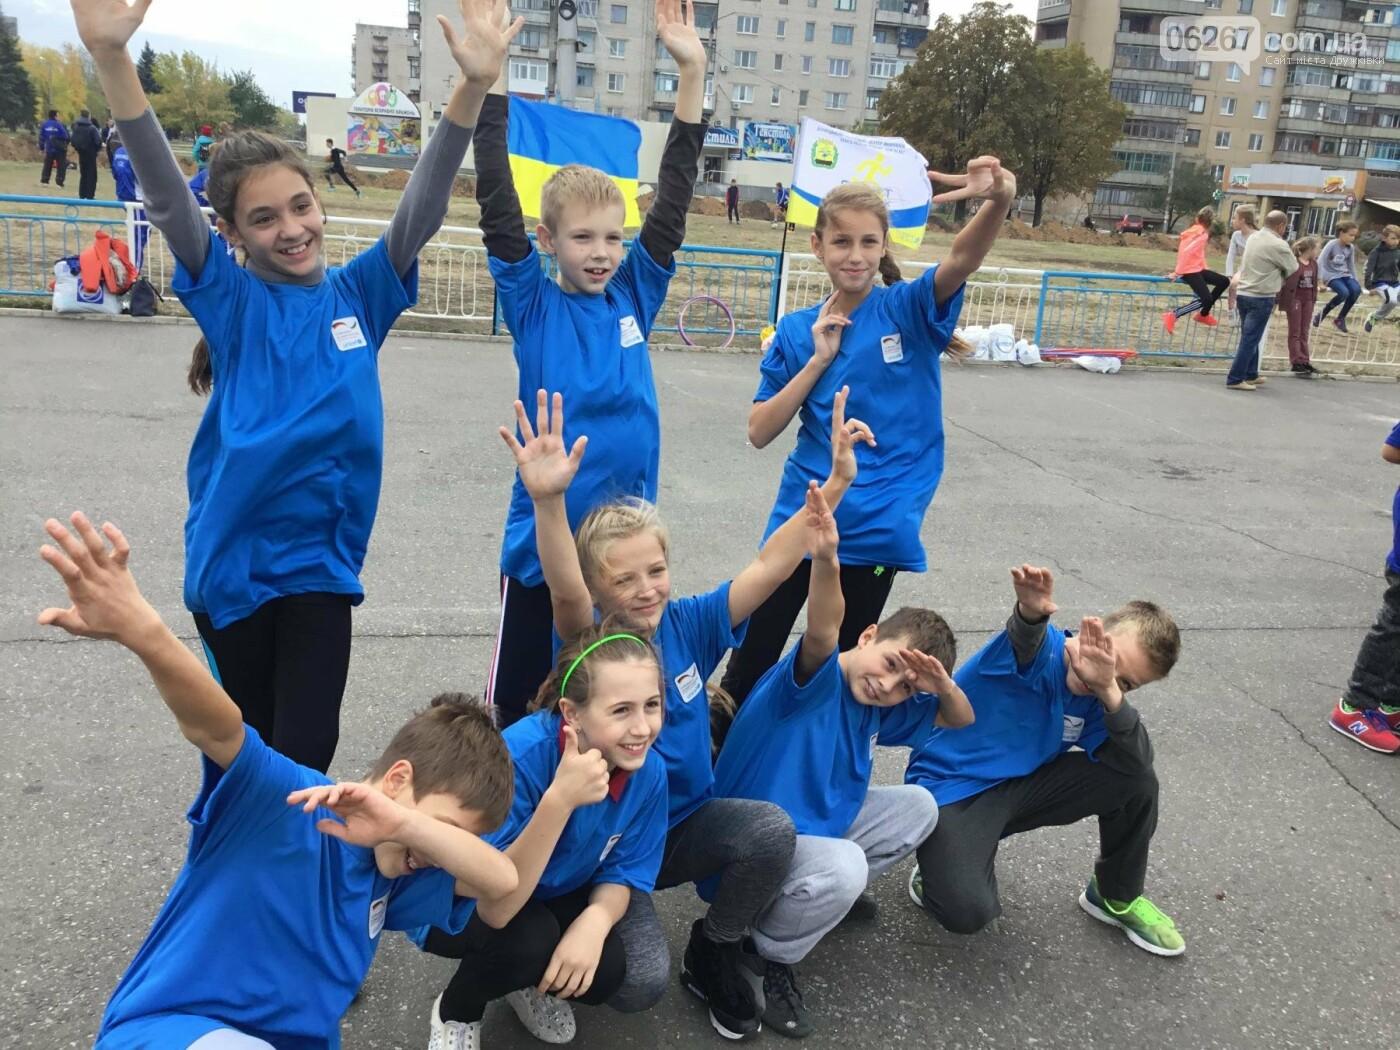 Всемирный день ходьбы отметили сегодня в Дружковке ярким спортивным праздником (ФОТО, ВИДЕО), фото-6